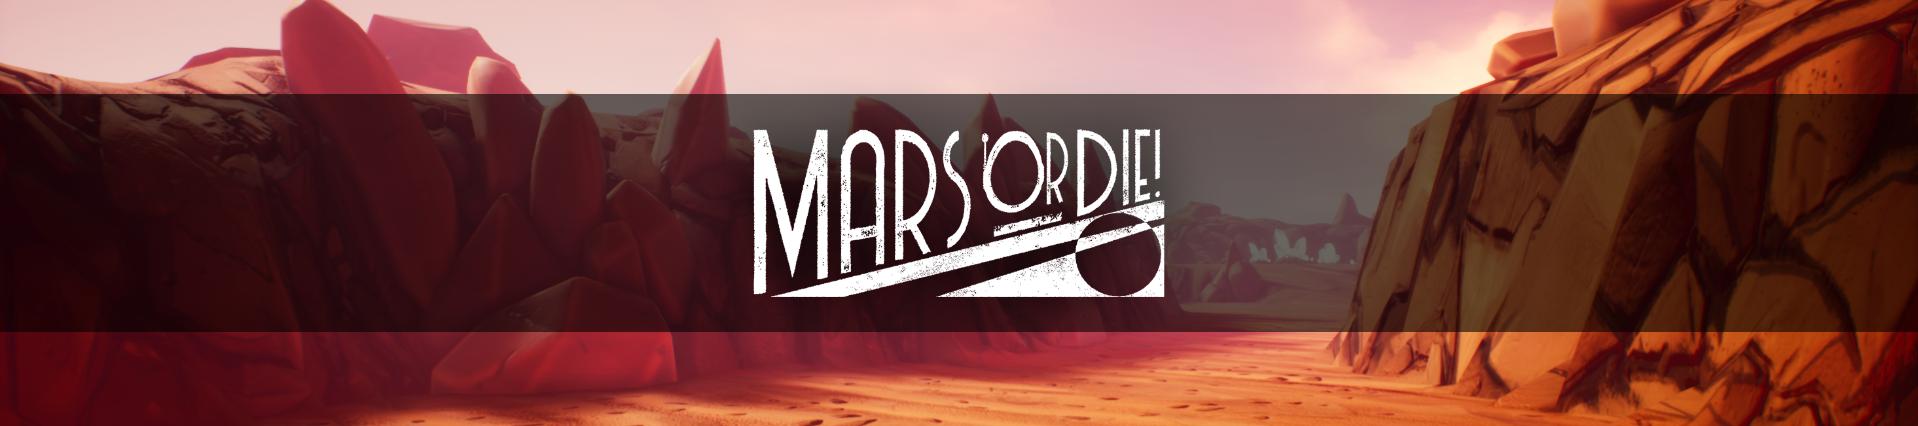 mars or die banner